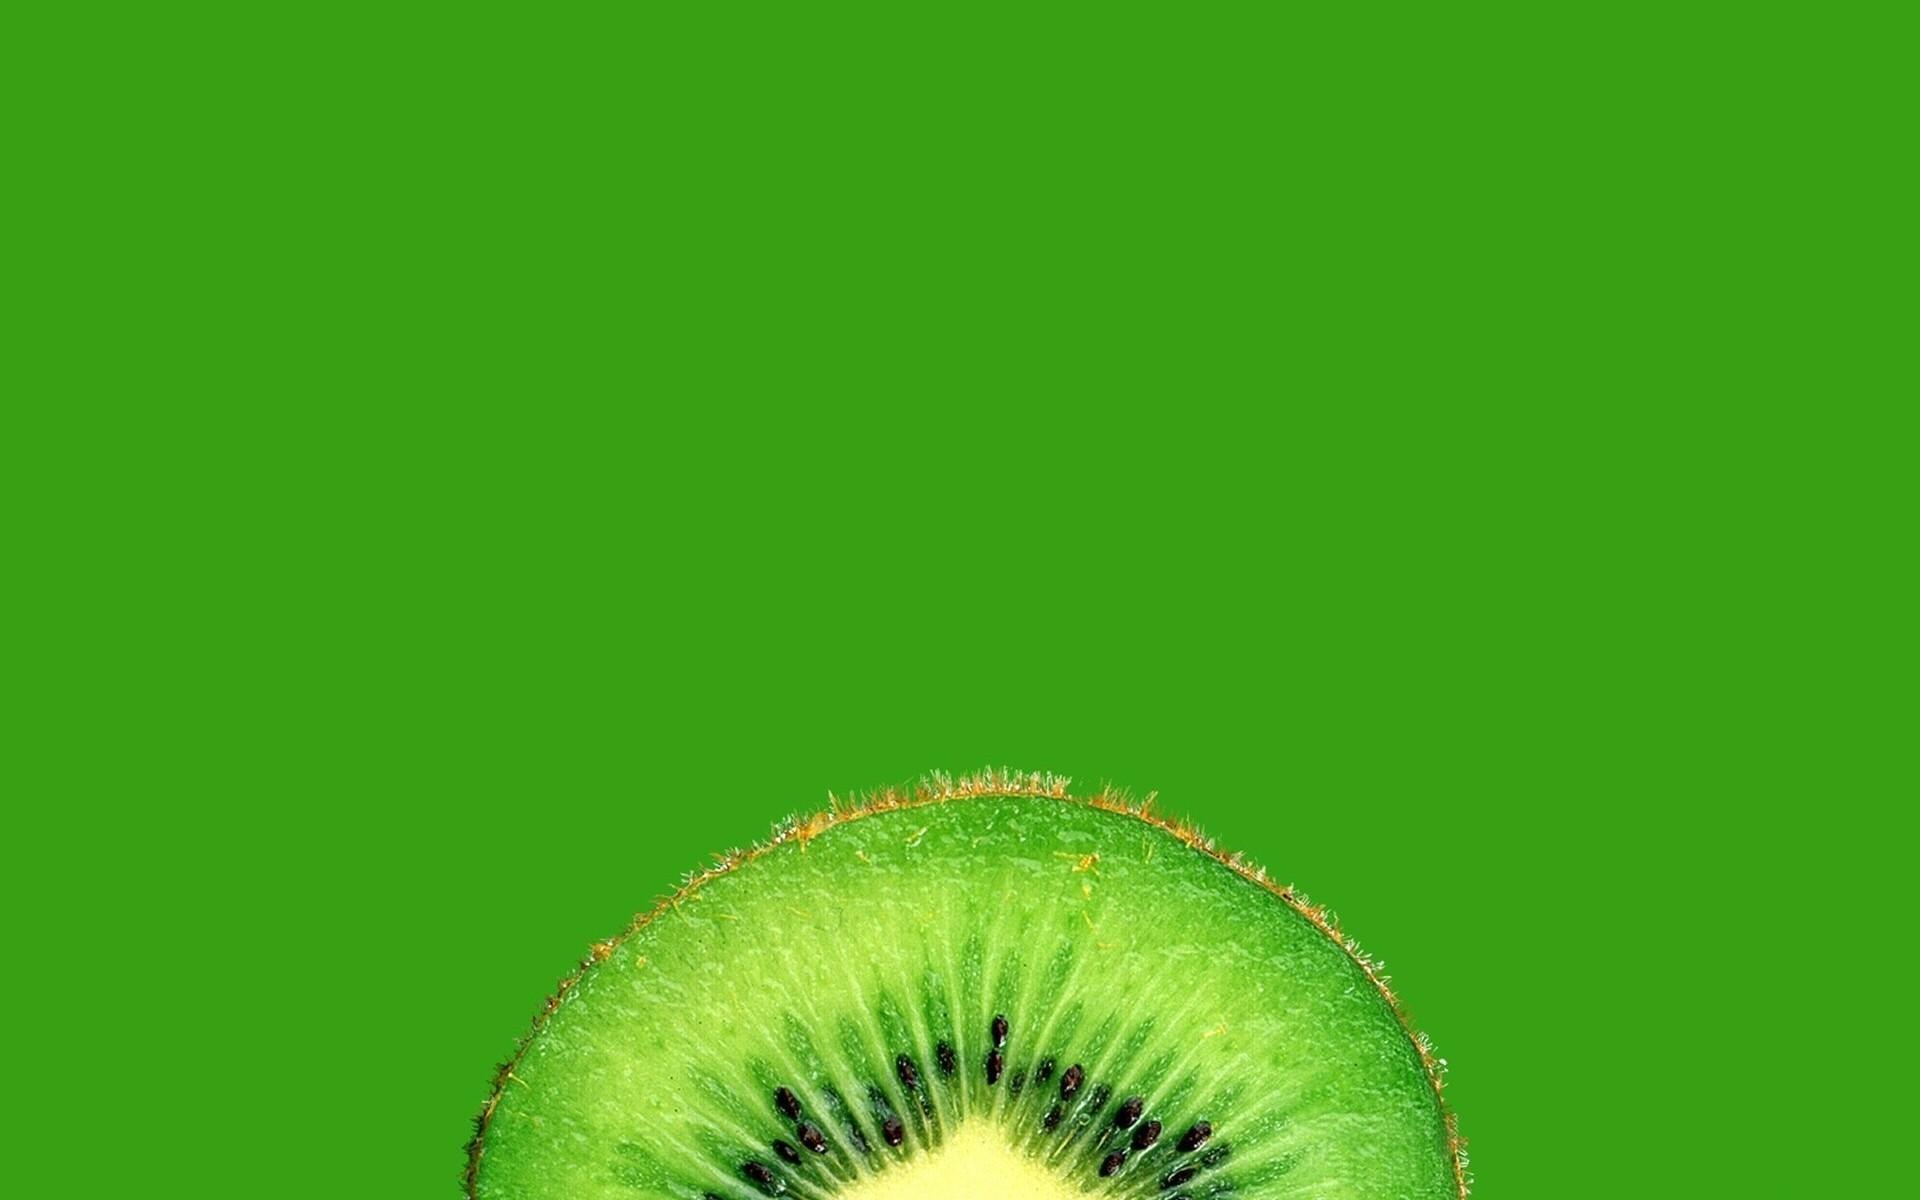 kiwi (fruit) fruit green background